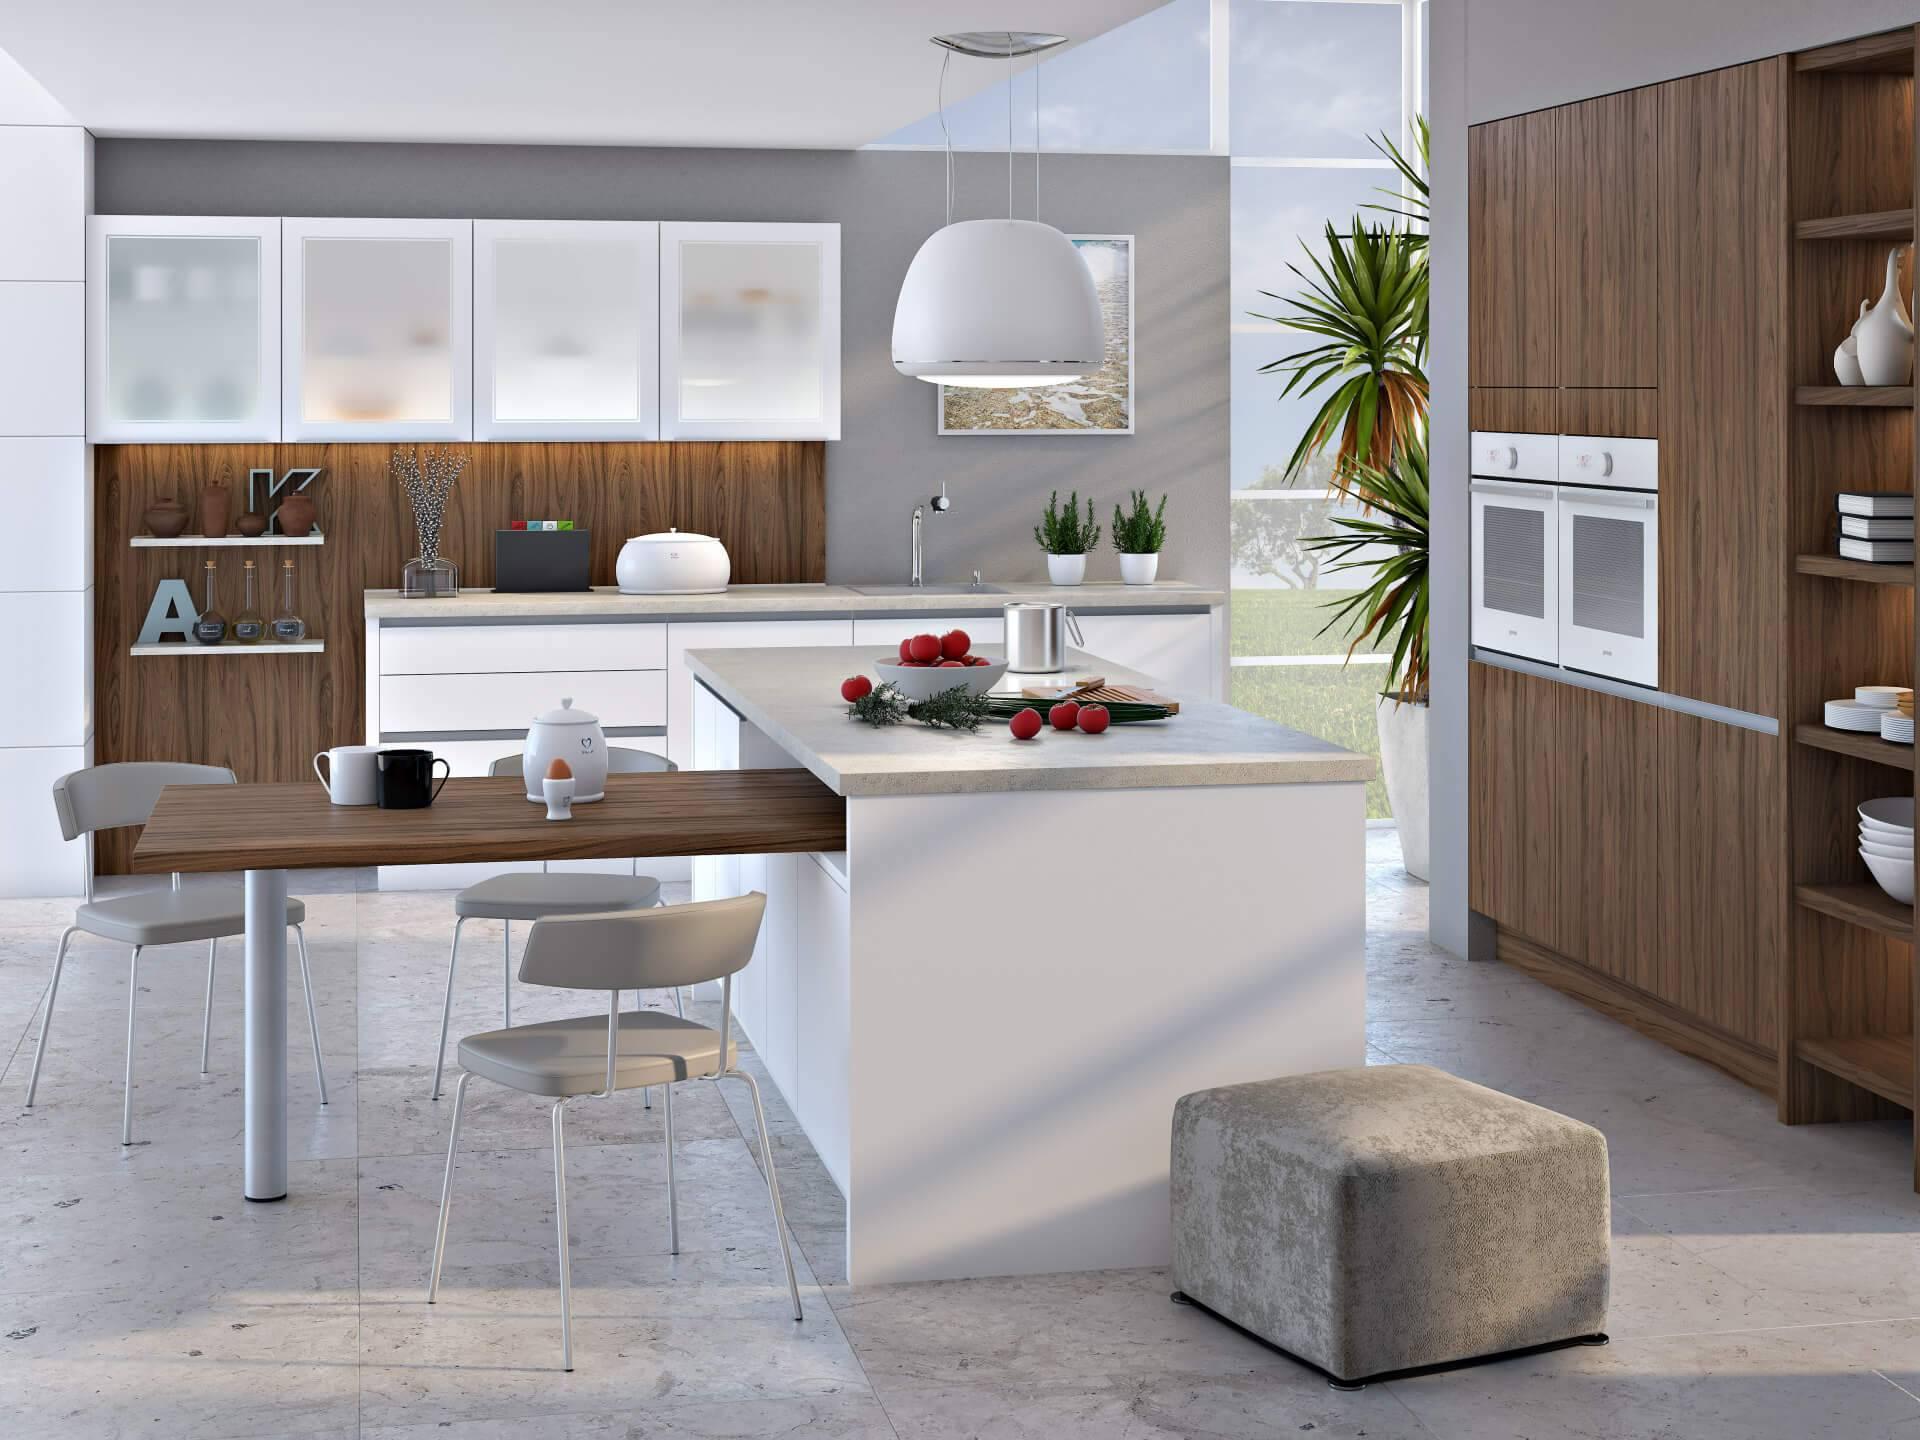 Moderna Kuhinja Alples